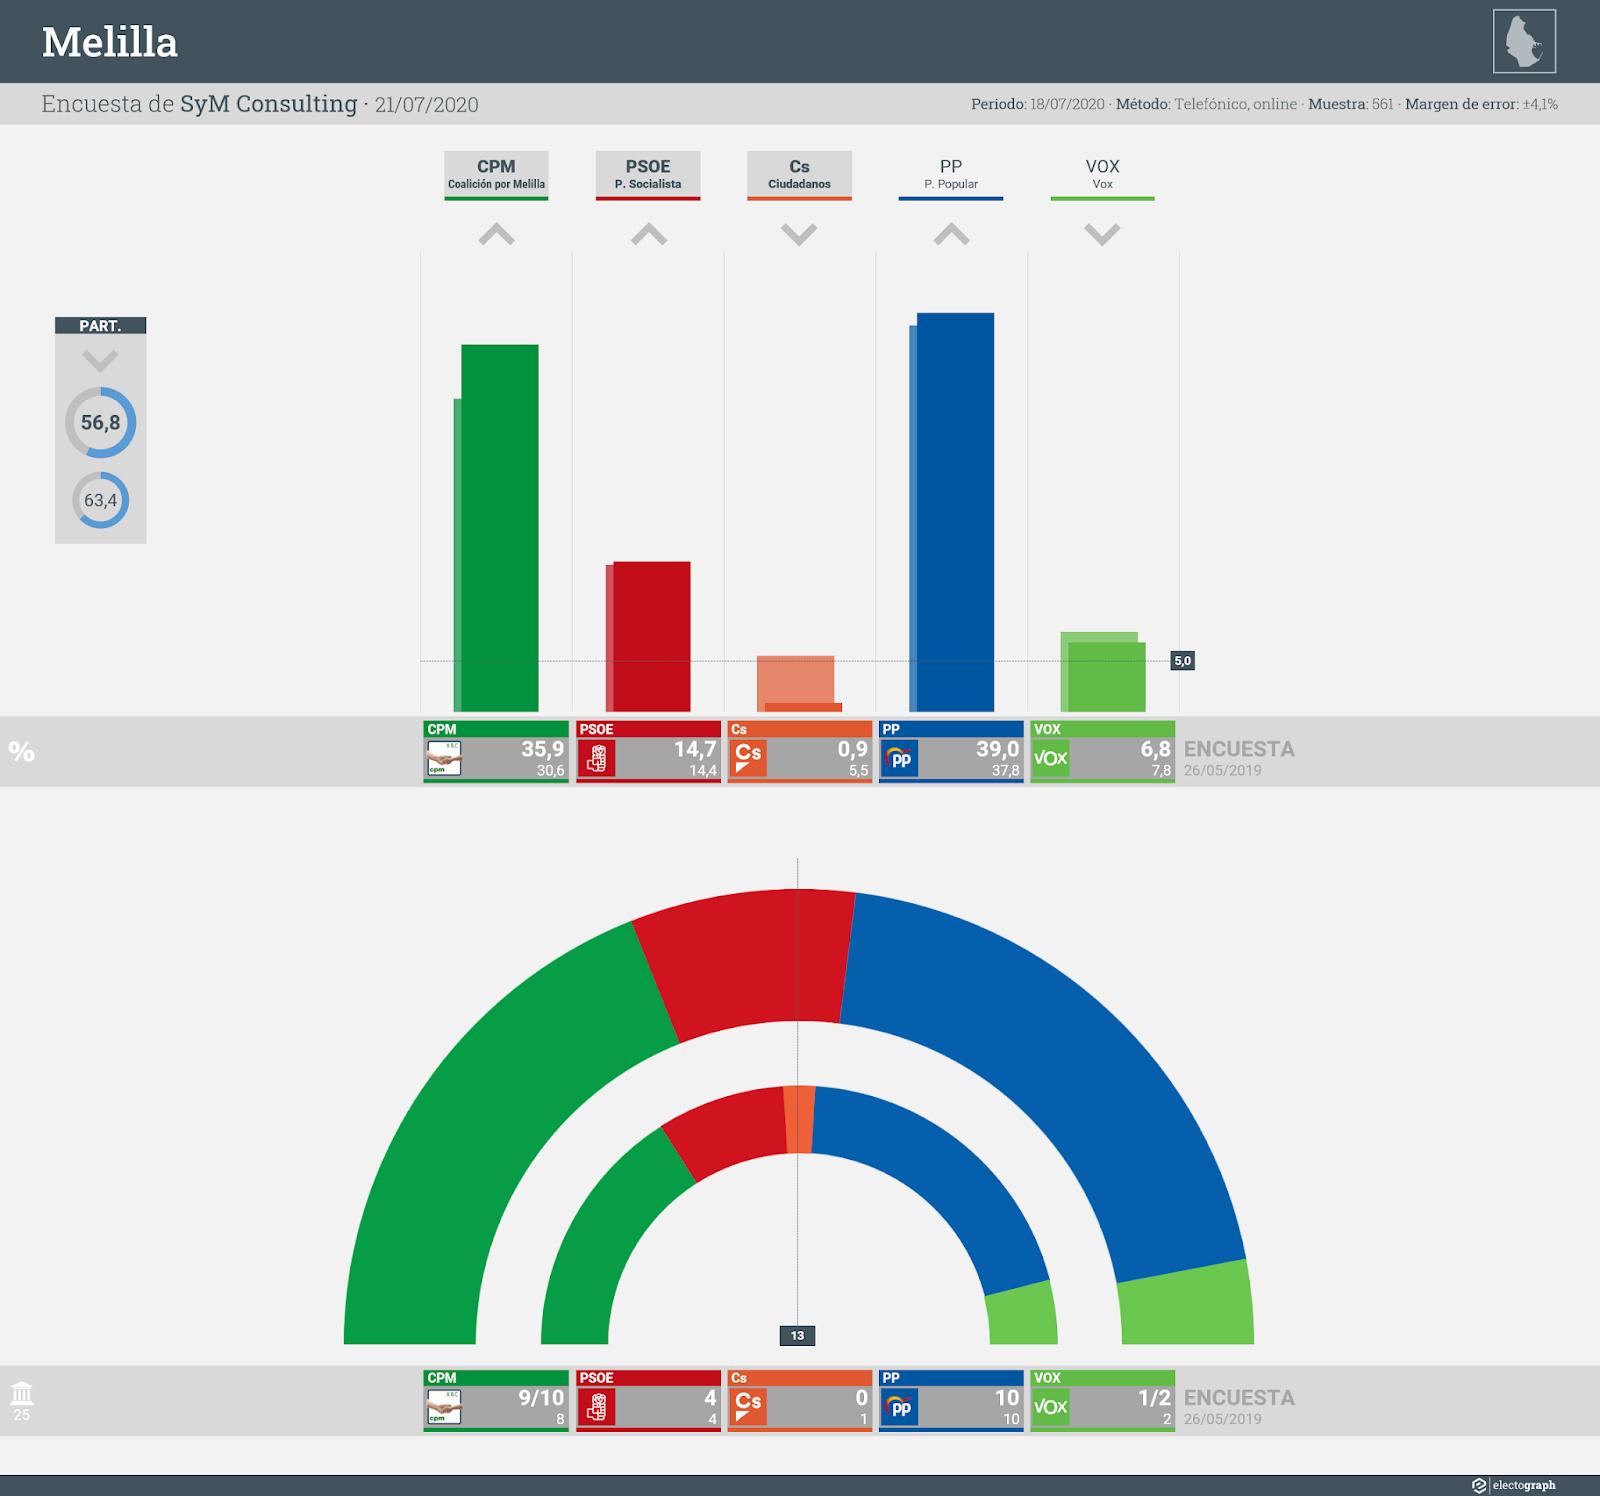 Gráfico de la encuesta para elecciones autonómicas en Melilla realizada por SyM Consulting, 21 de julio de 2020